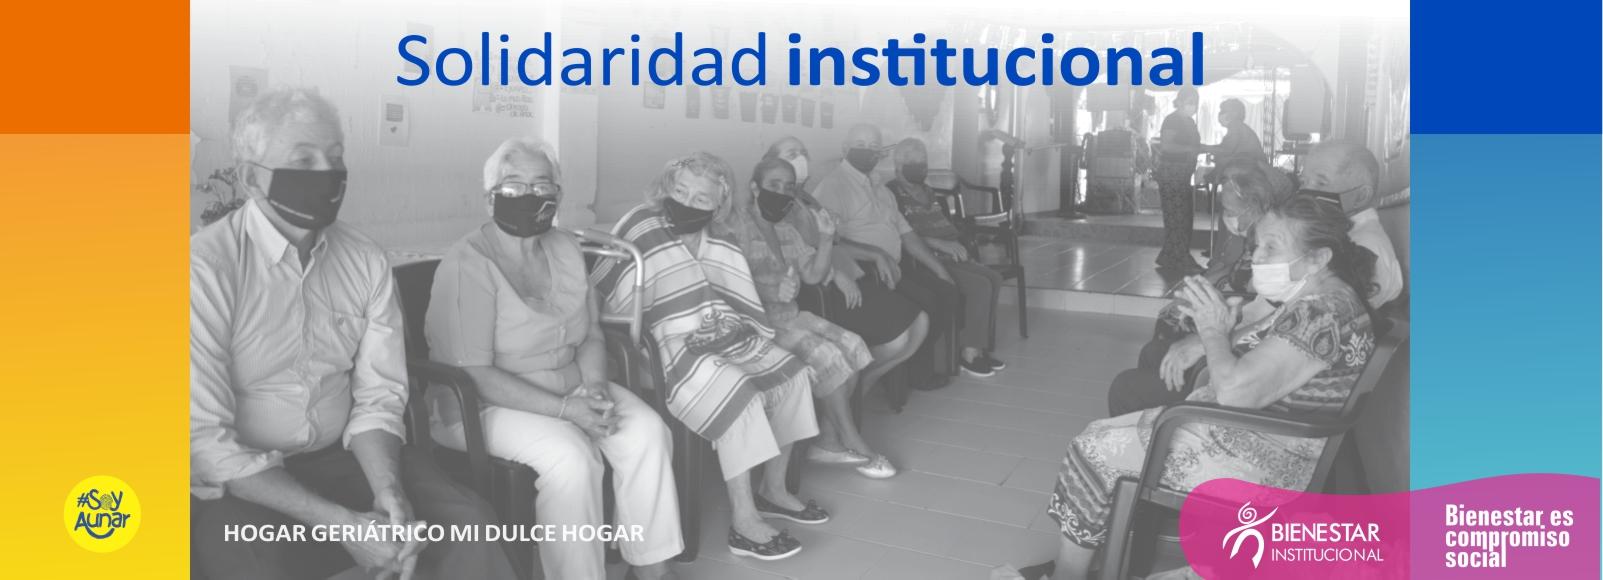 UNIDOS POR EL BIENESTAR COMUNITARIO